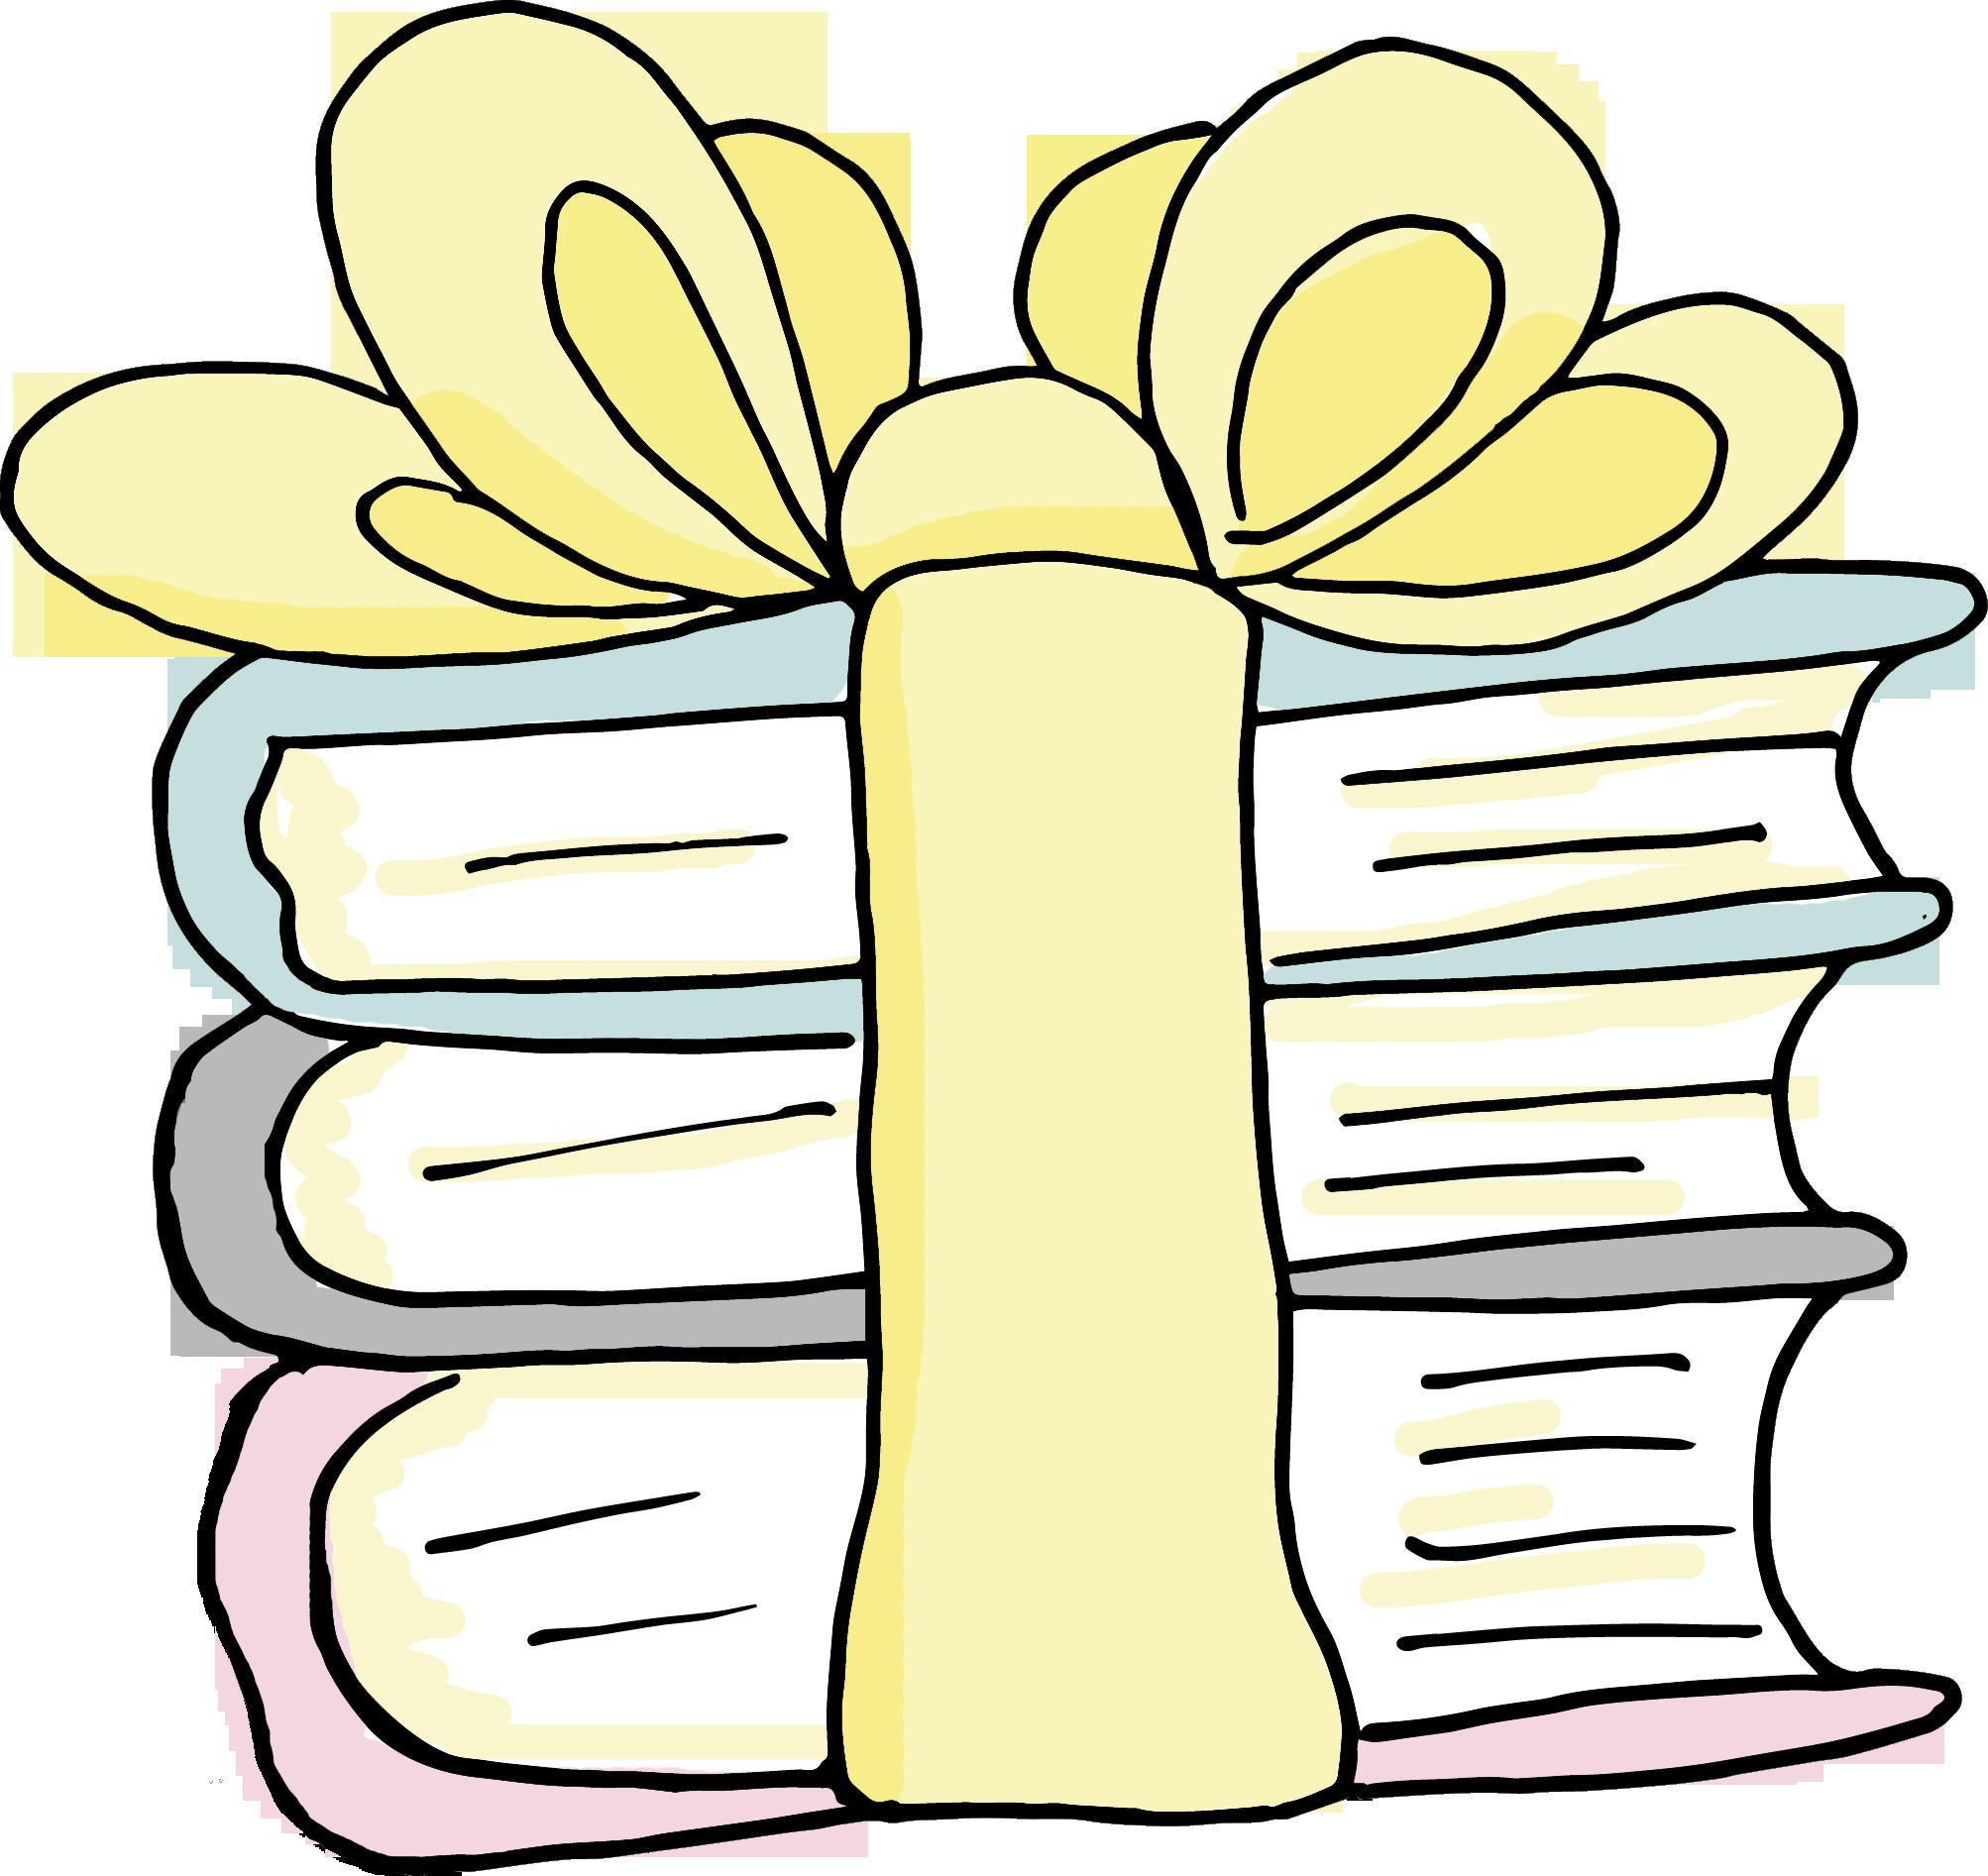 libros navidad regalos niños infantiles libros ayudarte estudio psicología